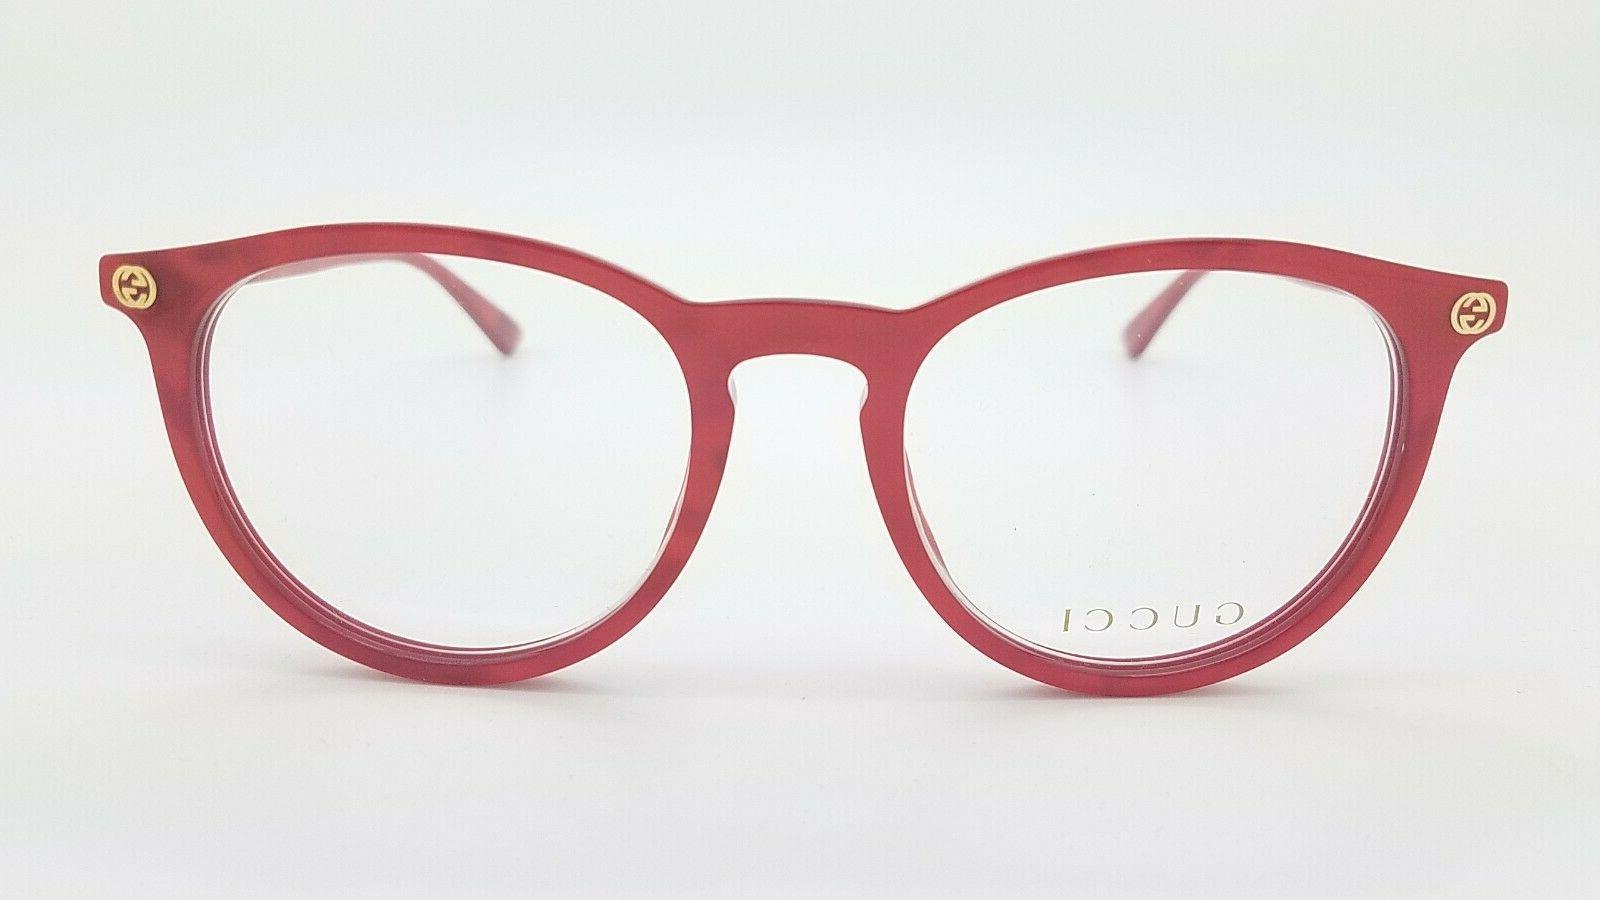 NEW Gucci Glasses Red GG0027O 004 0027O Women